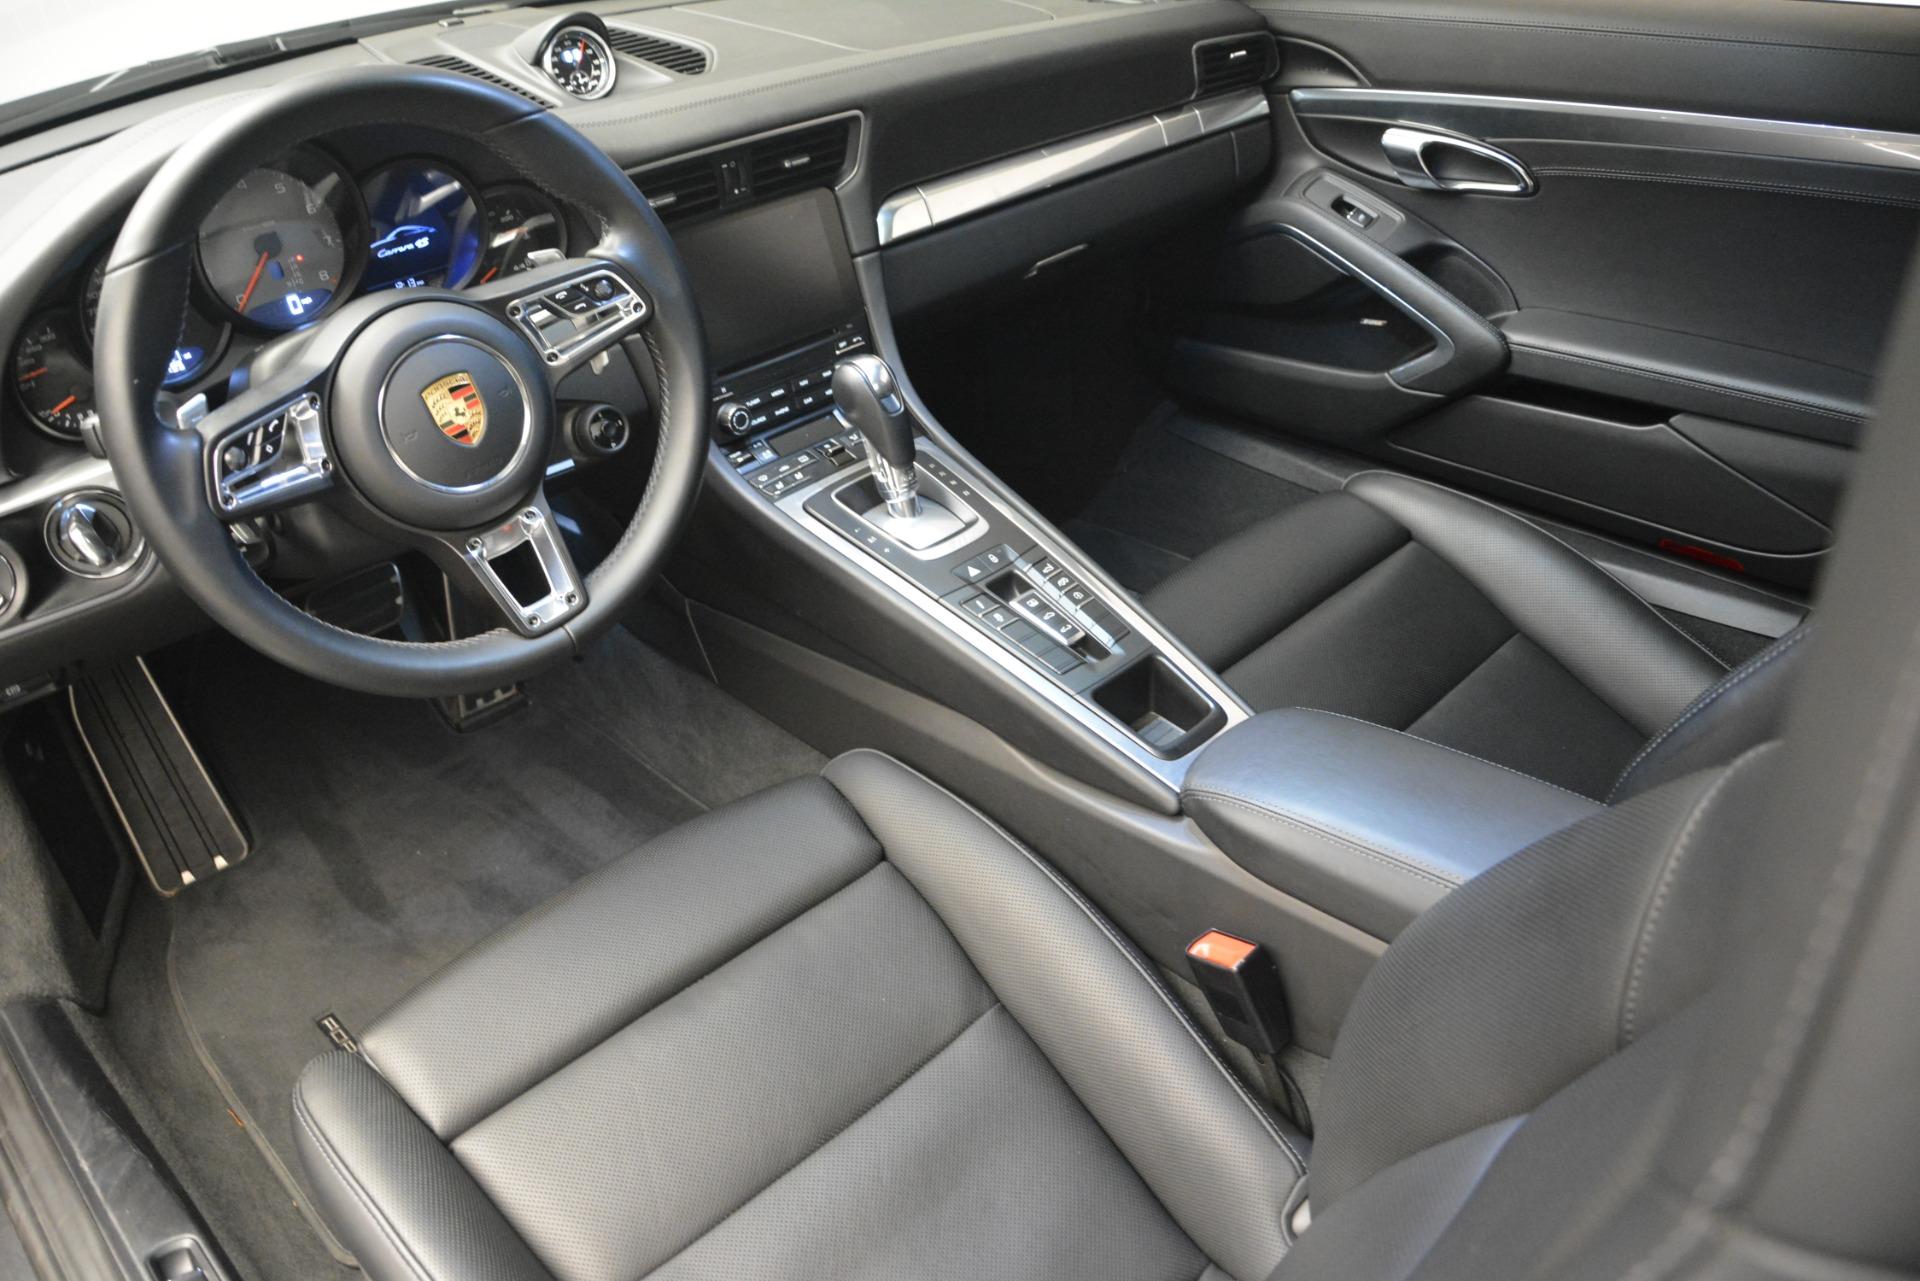 Used 2017 Porsche 911 Carrera 4S For Sale In Westport, CT 2887_p14